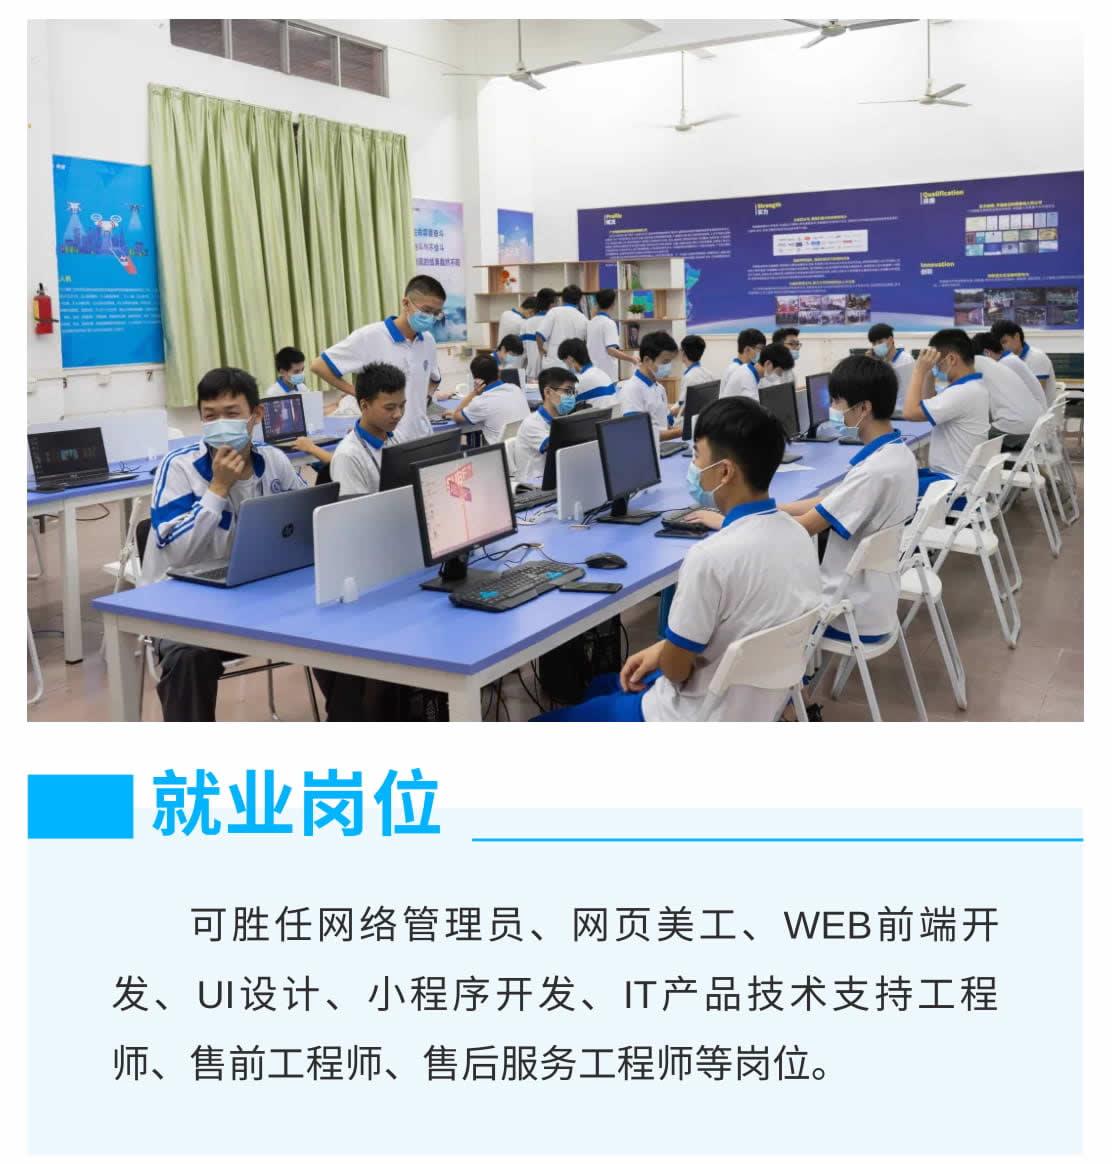 计算机网络应用(高中起点三年制)-1_r3_c1.jpg